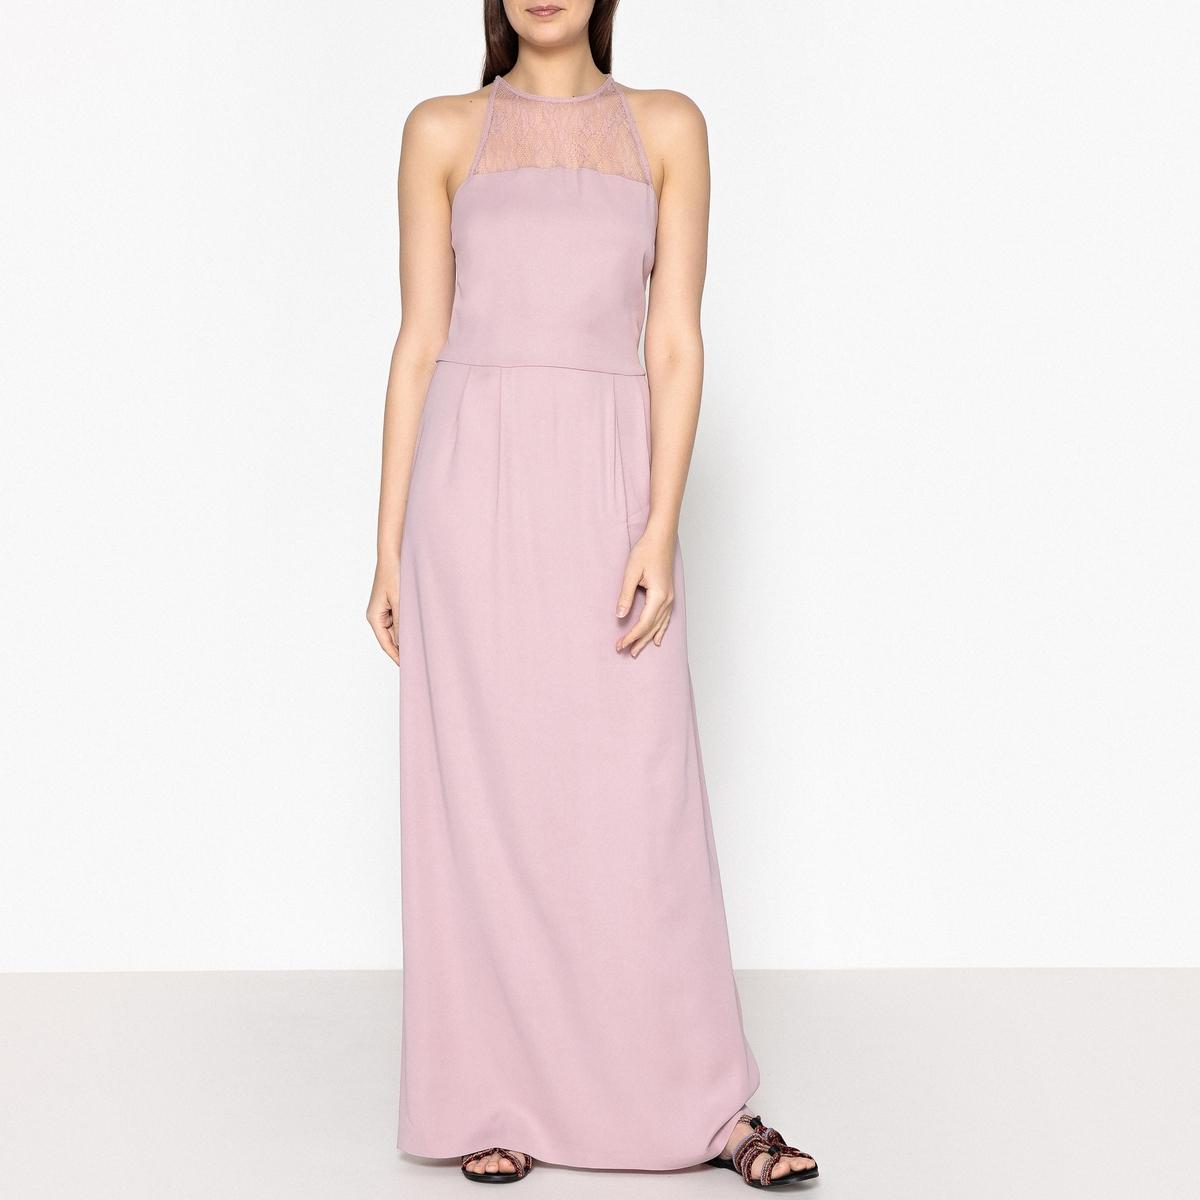 Платье длинное без рукавов из кружева BINA платье без рукавов с кружевной вставкой на спинке